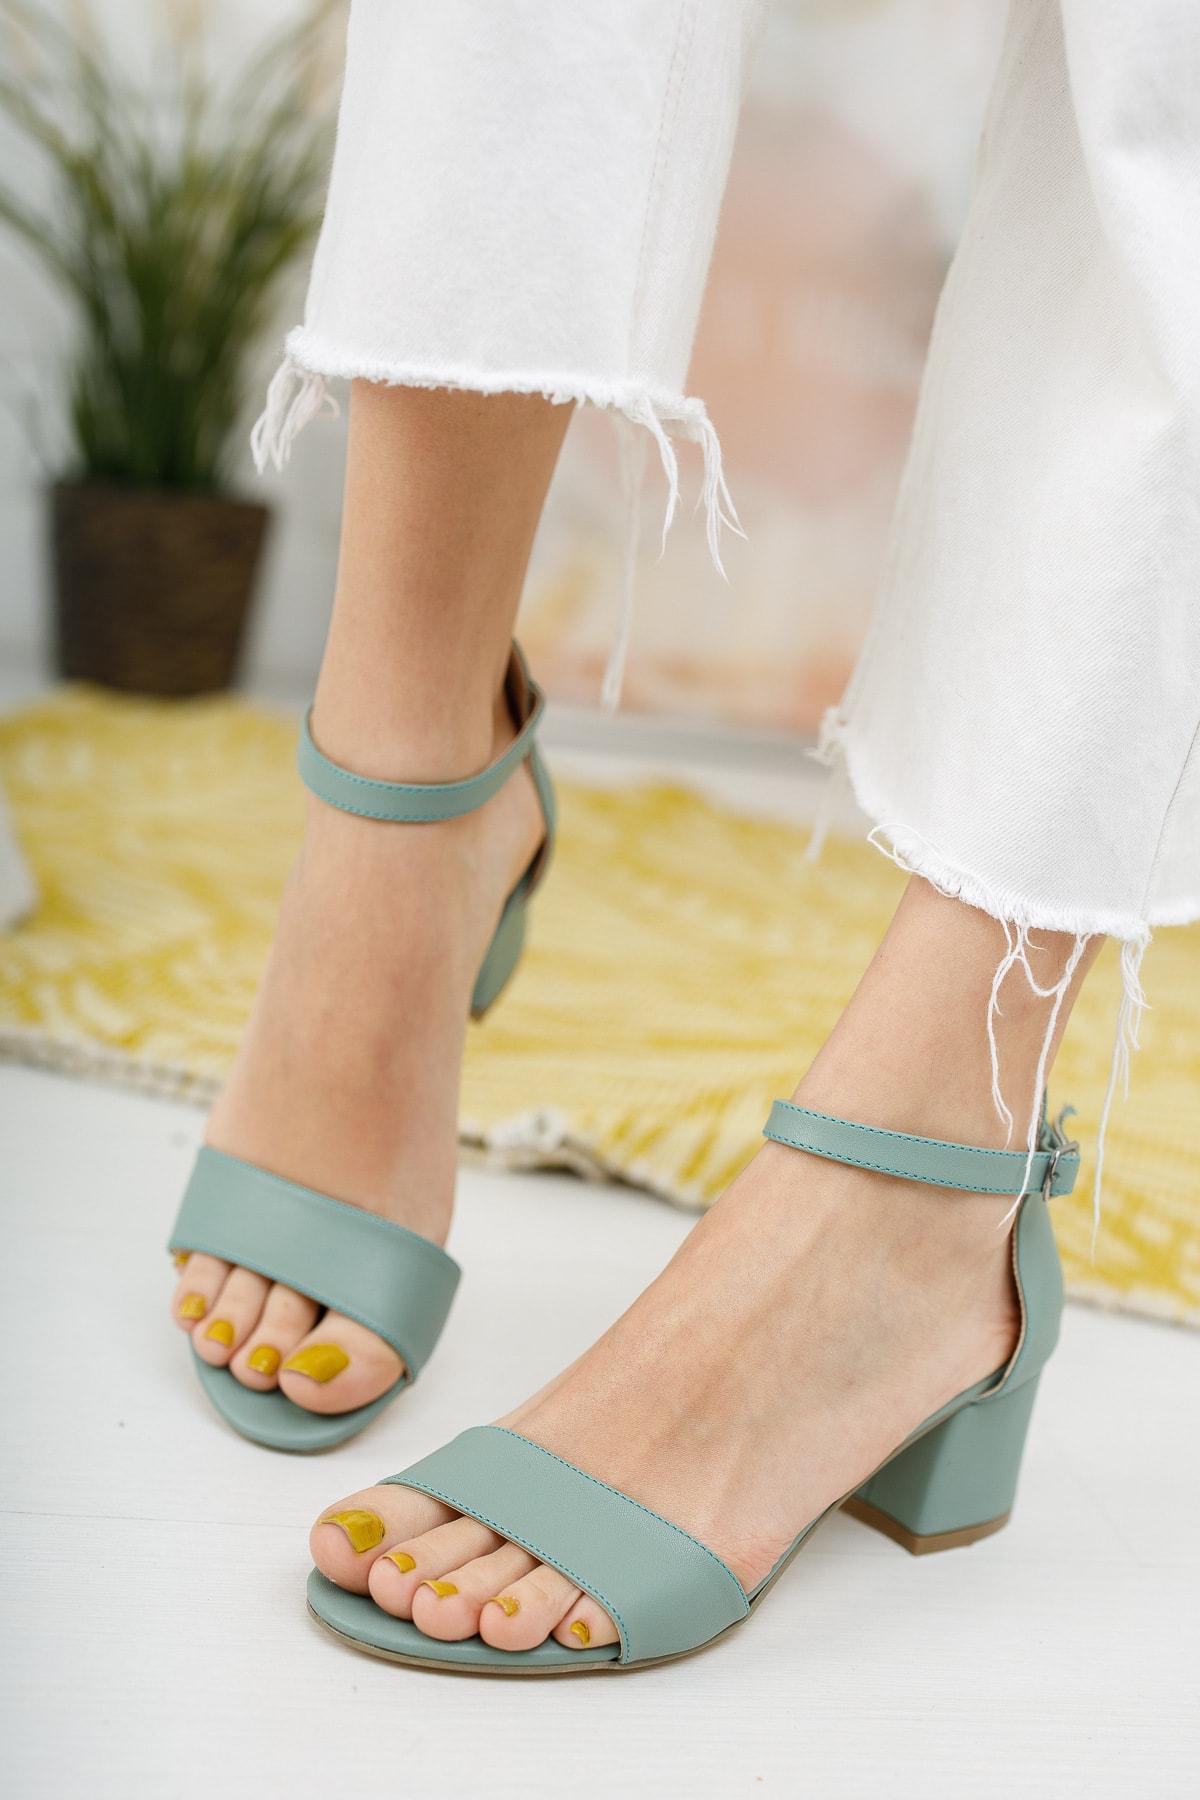 meyra'nın ayakkabıları Yeşil Tek Bant Topuklu Ayakkabı 1